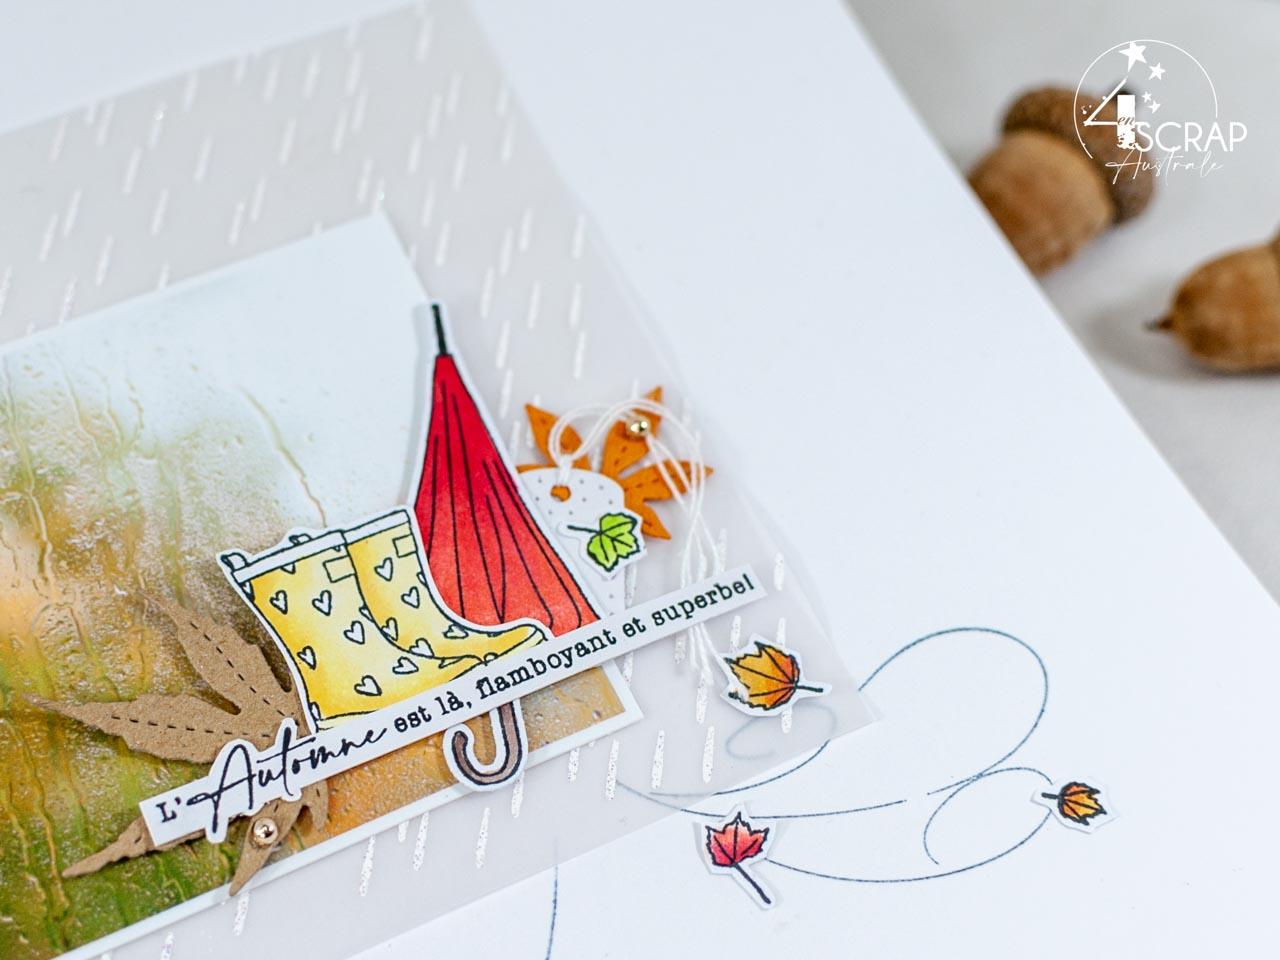 Création d'une page A4 automnale avec une photo de feuilles d'automne, fond embossé de goutes de pluie, bottes en caoutchouc, parapluie et feuilles d'automne.